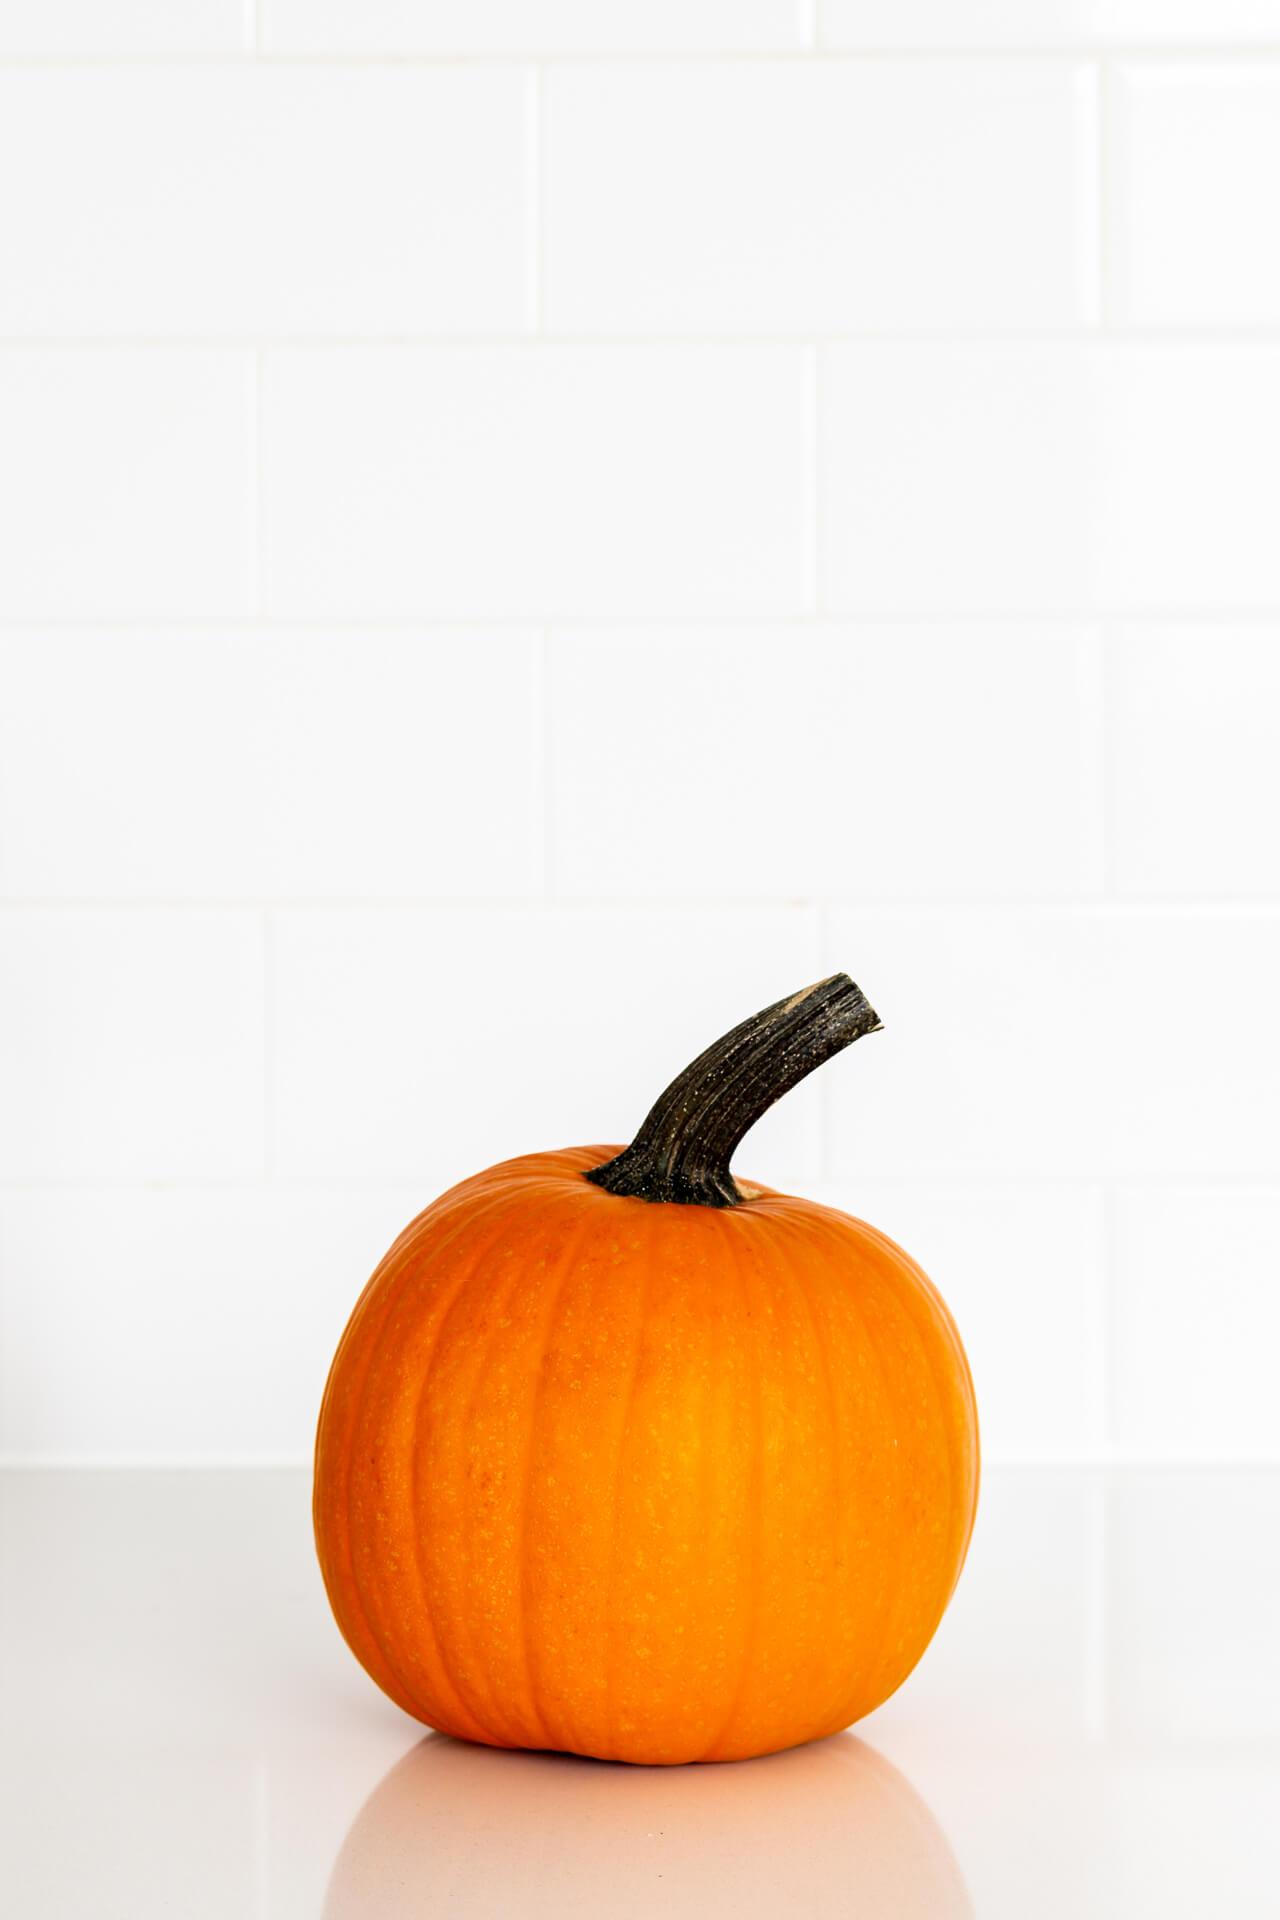 Sugar pie pumpkin on white counter.